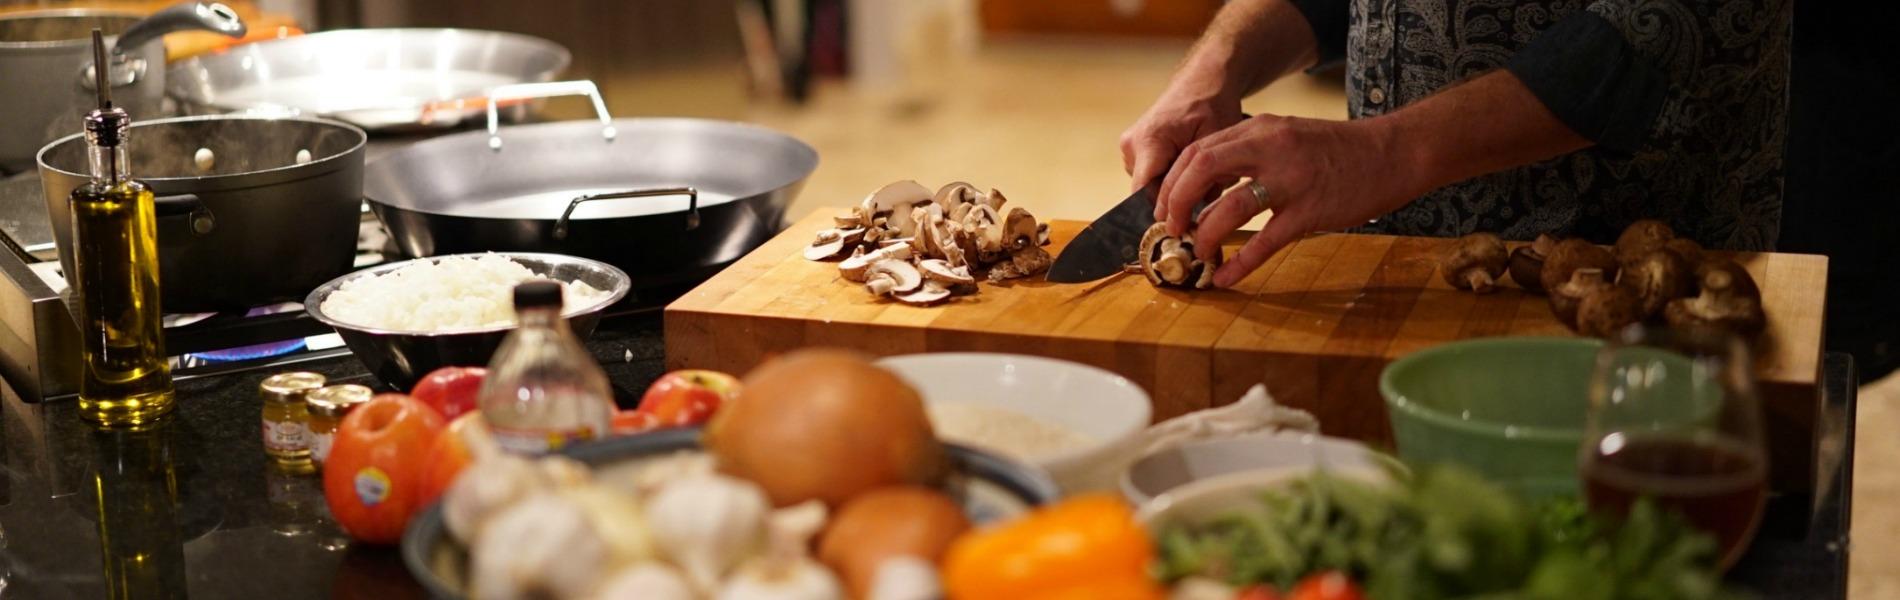 Chef chopping mushrooms on a cutting board